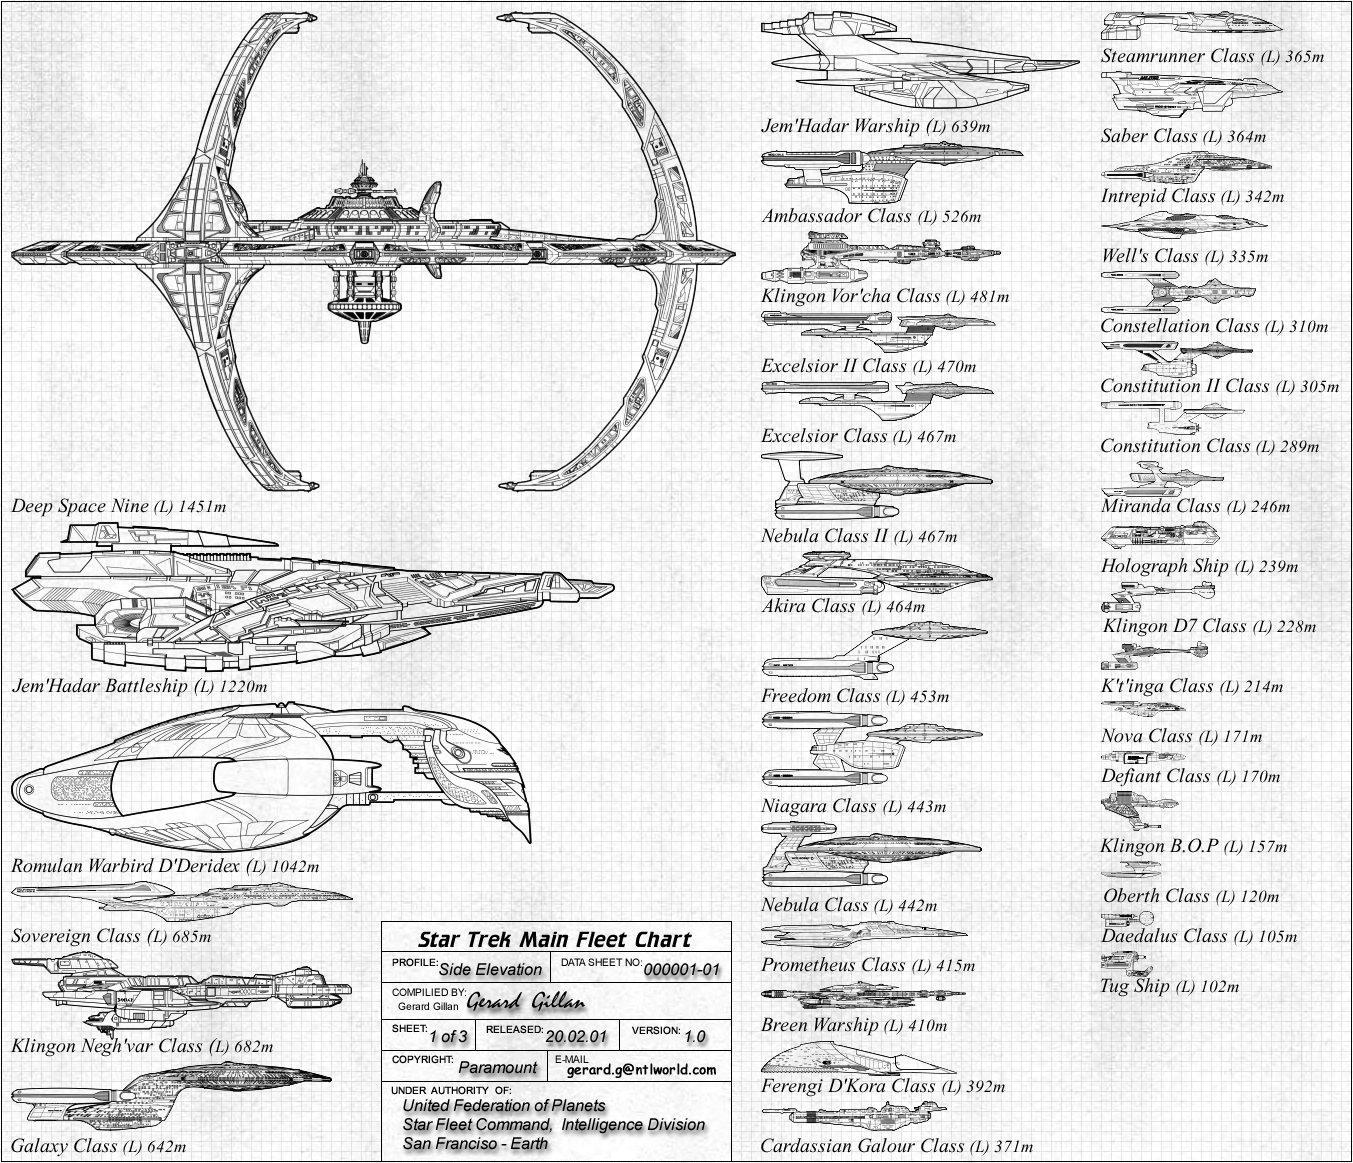 Gilso Fleet Charts Main Star Trek Fleet